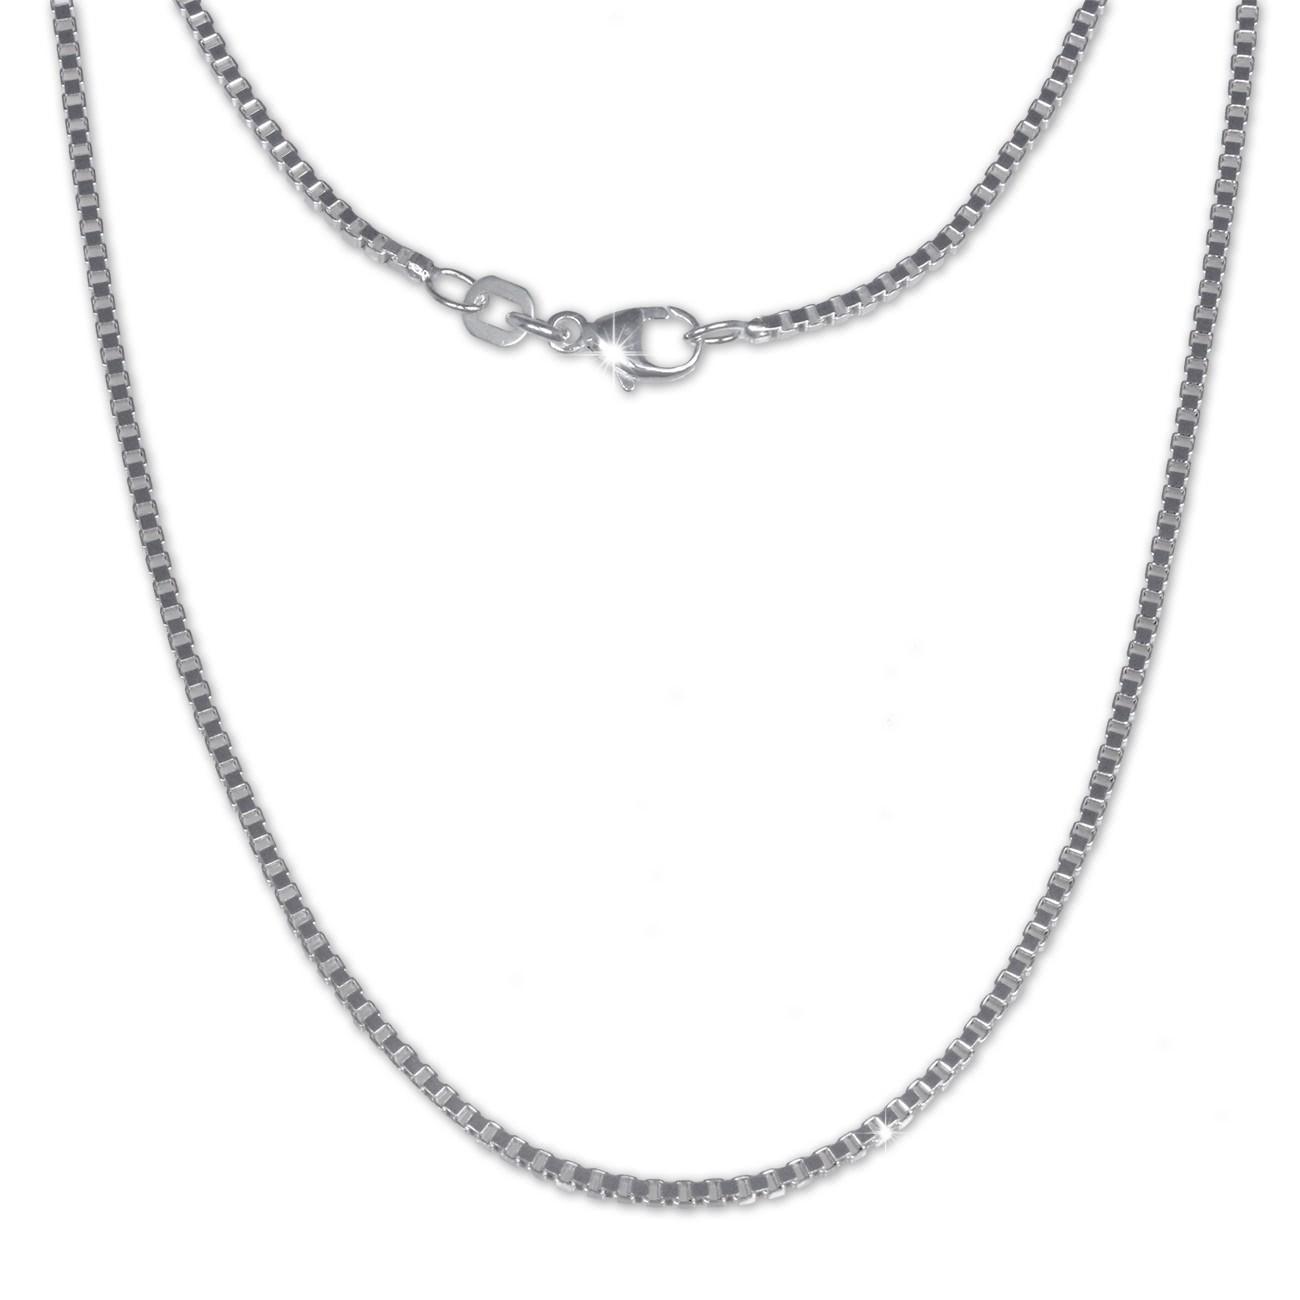 SilberDream Veneziakette 925er Silber Halskette 70cm Kette SDK21270